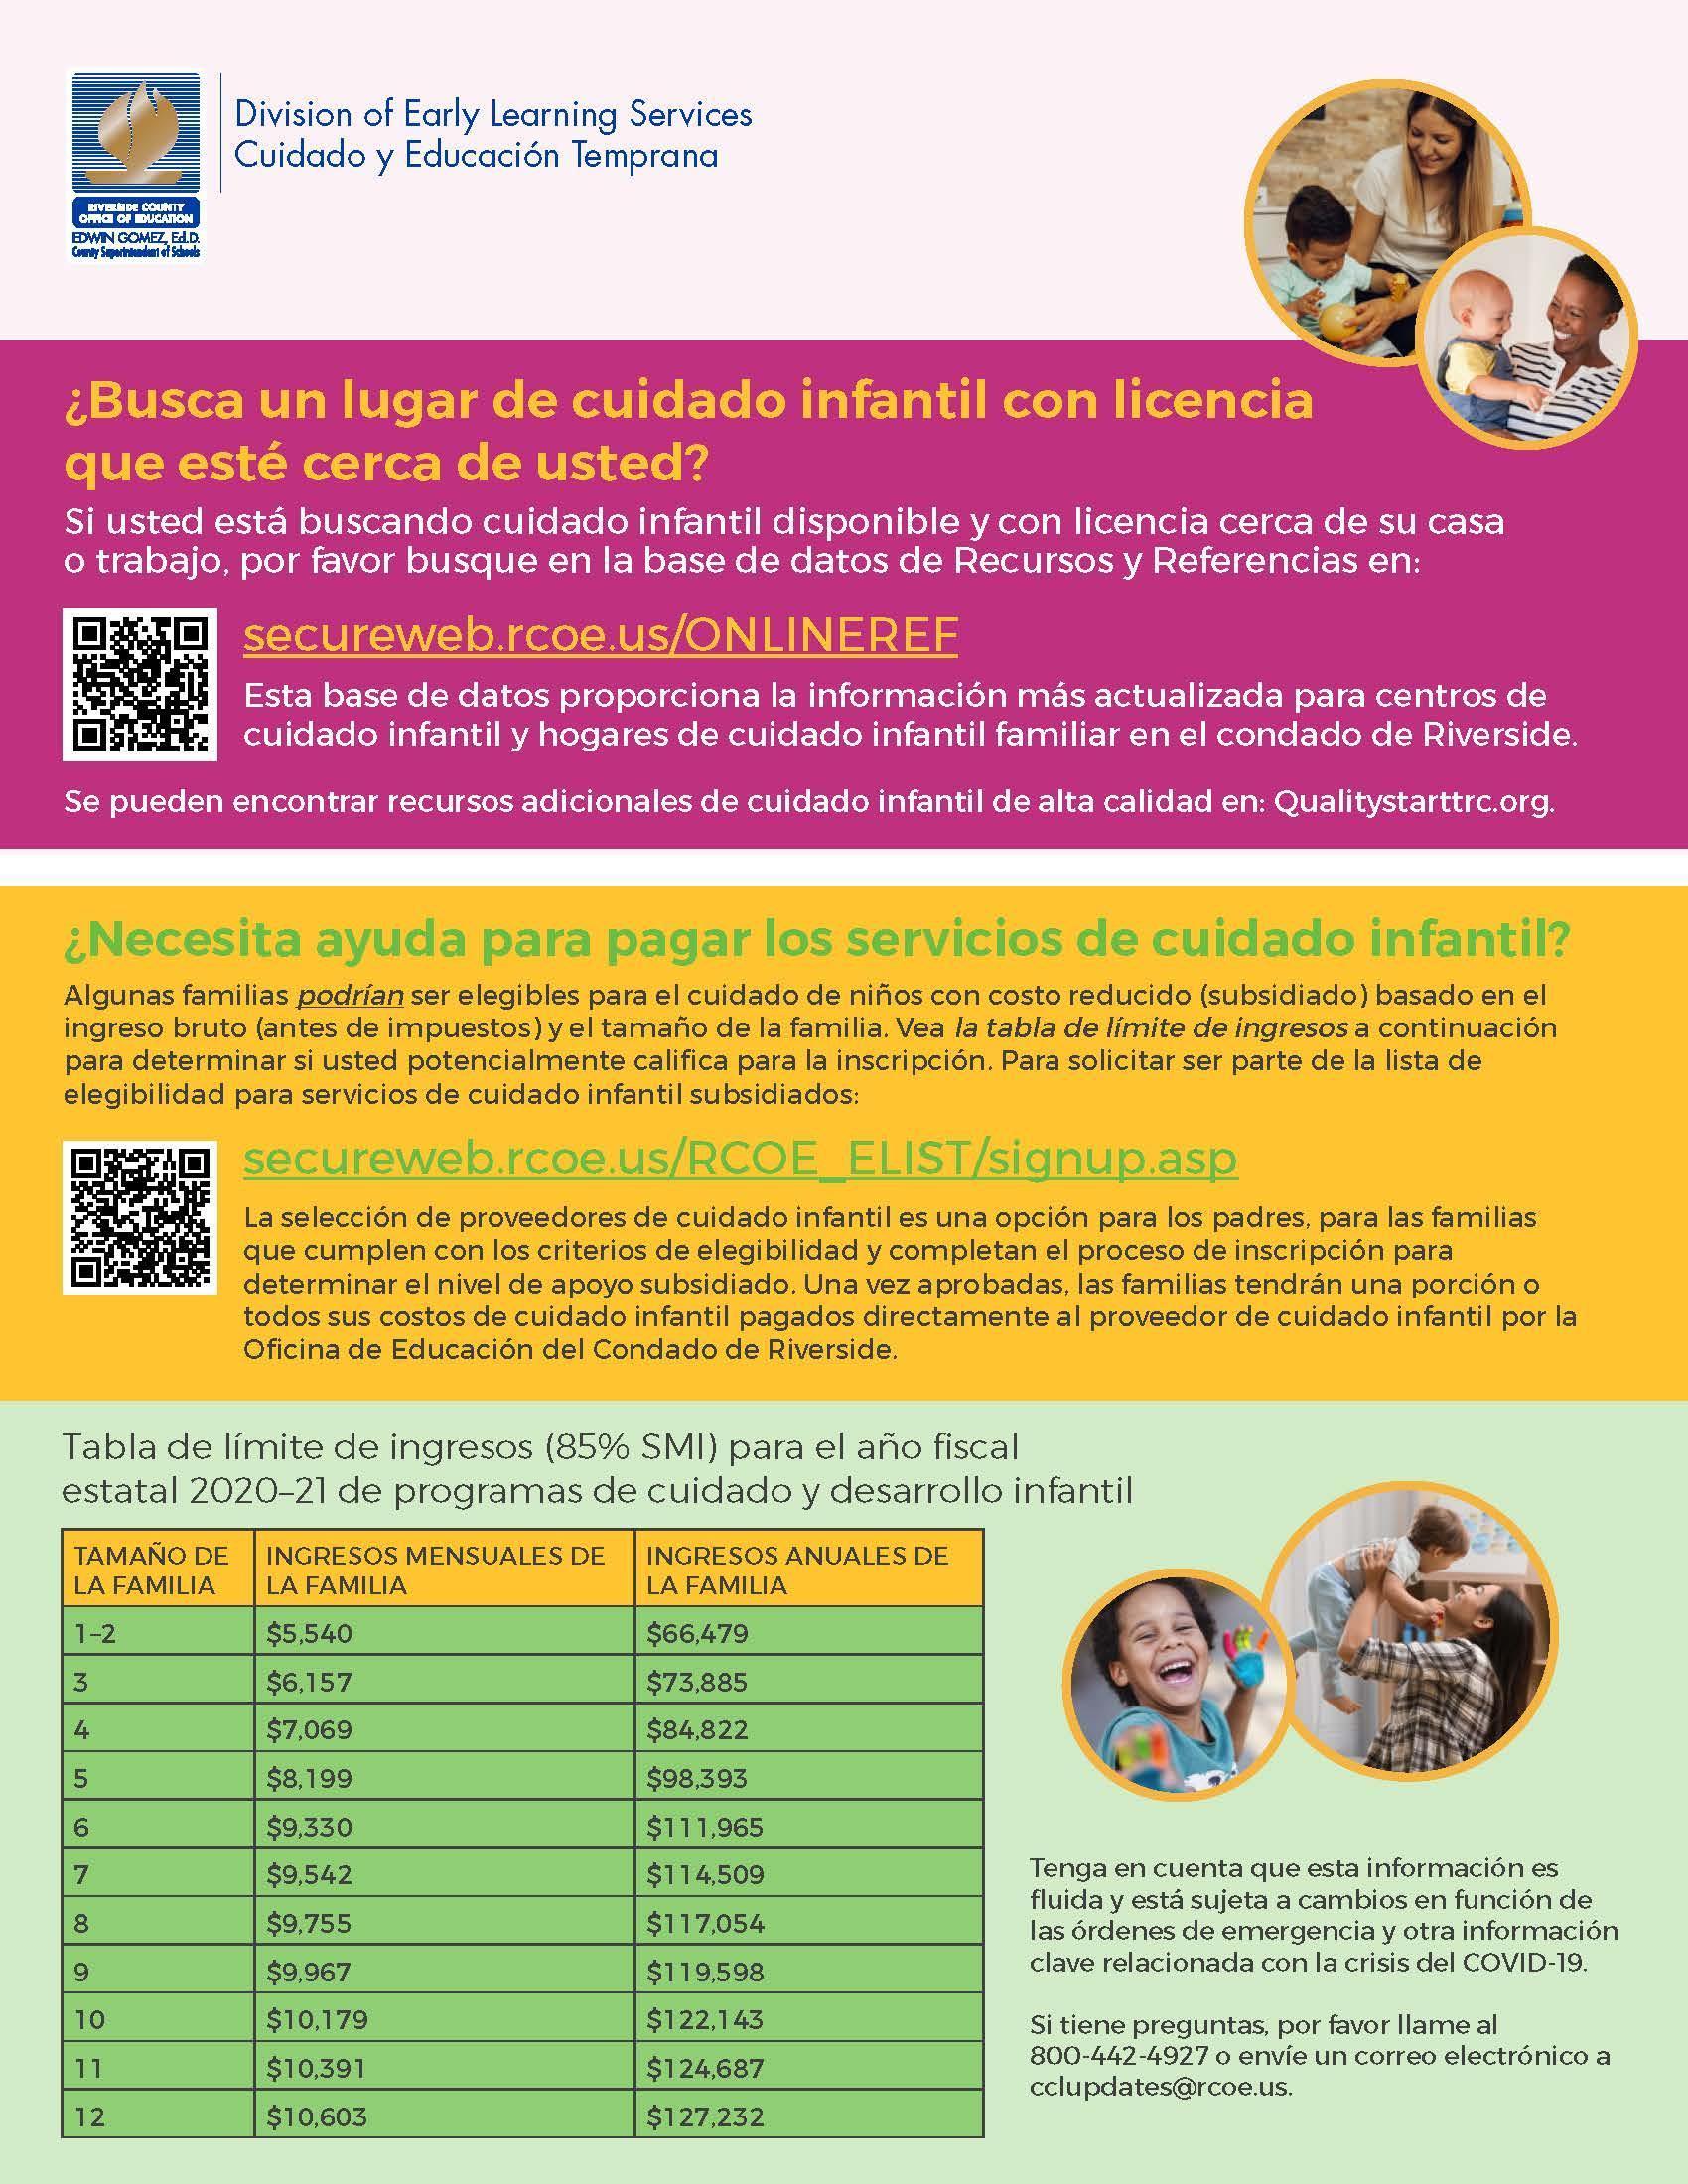 Asistencia para el cuidado de niños